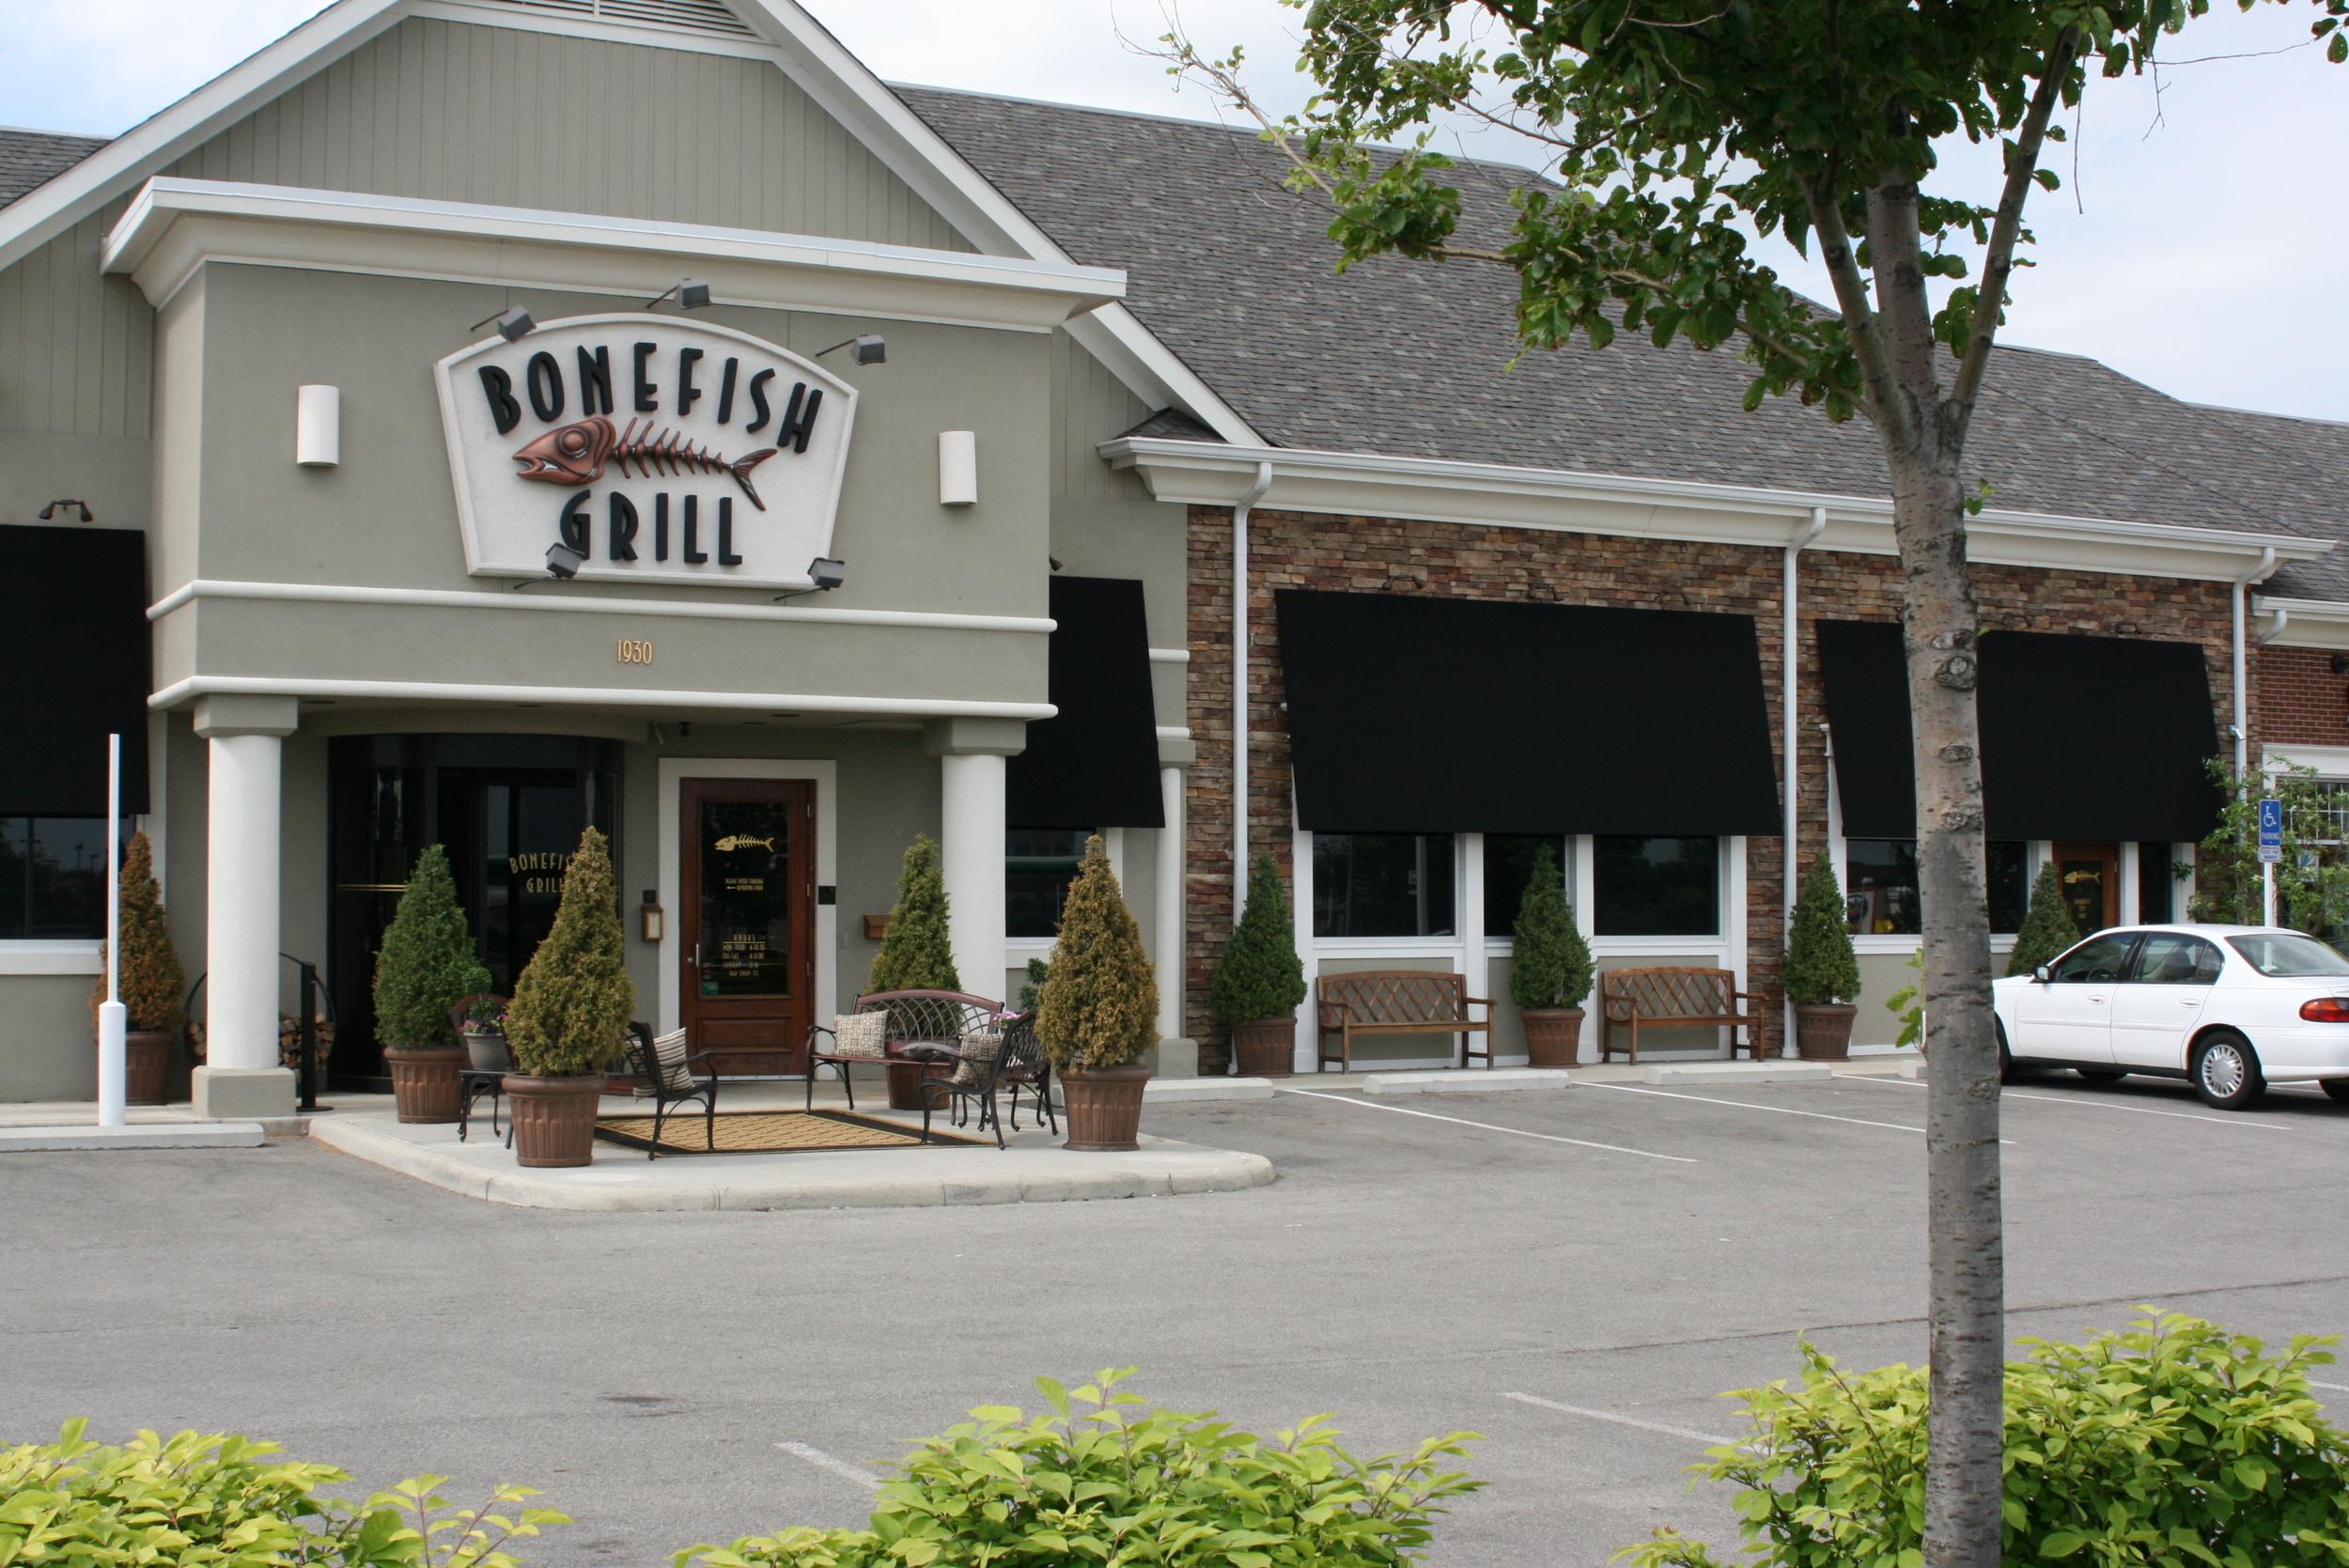 Bonefish Grill Polaris - Columbus, OH